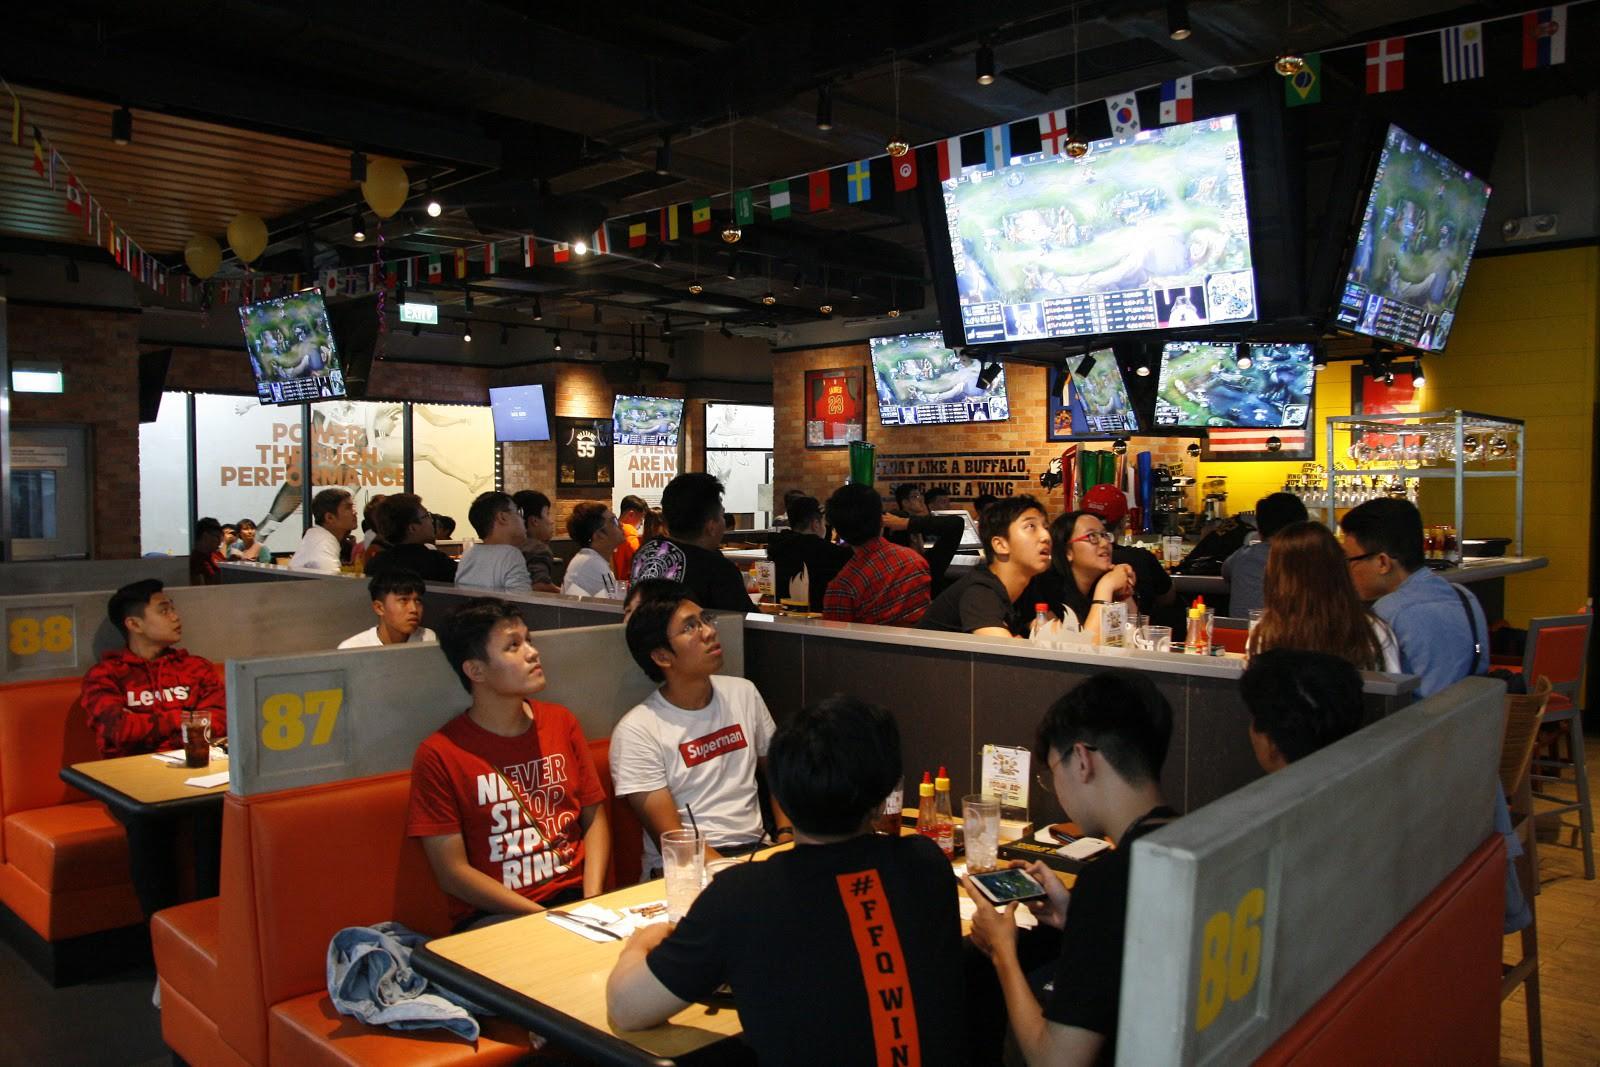 Nhà hàng thể thao phong cách Mỹ - Nơi hội ngộ của fan eSports Việt - Ảnh 2.